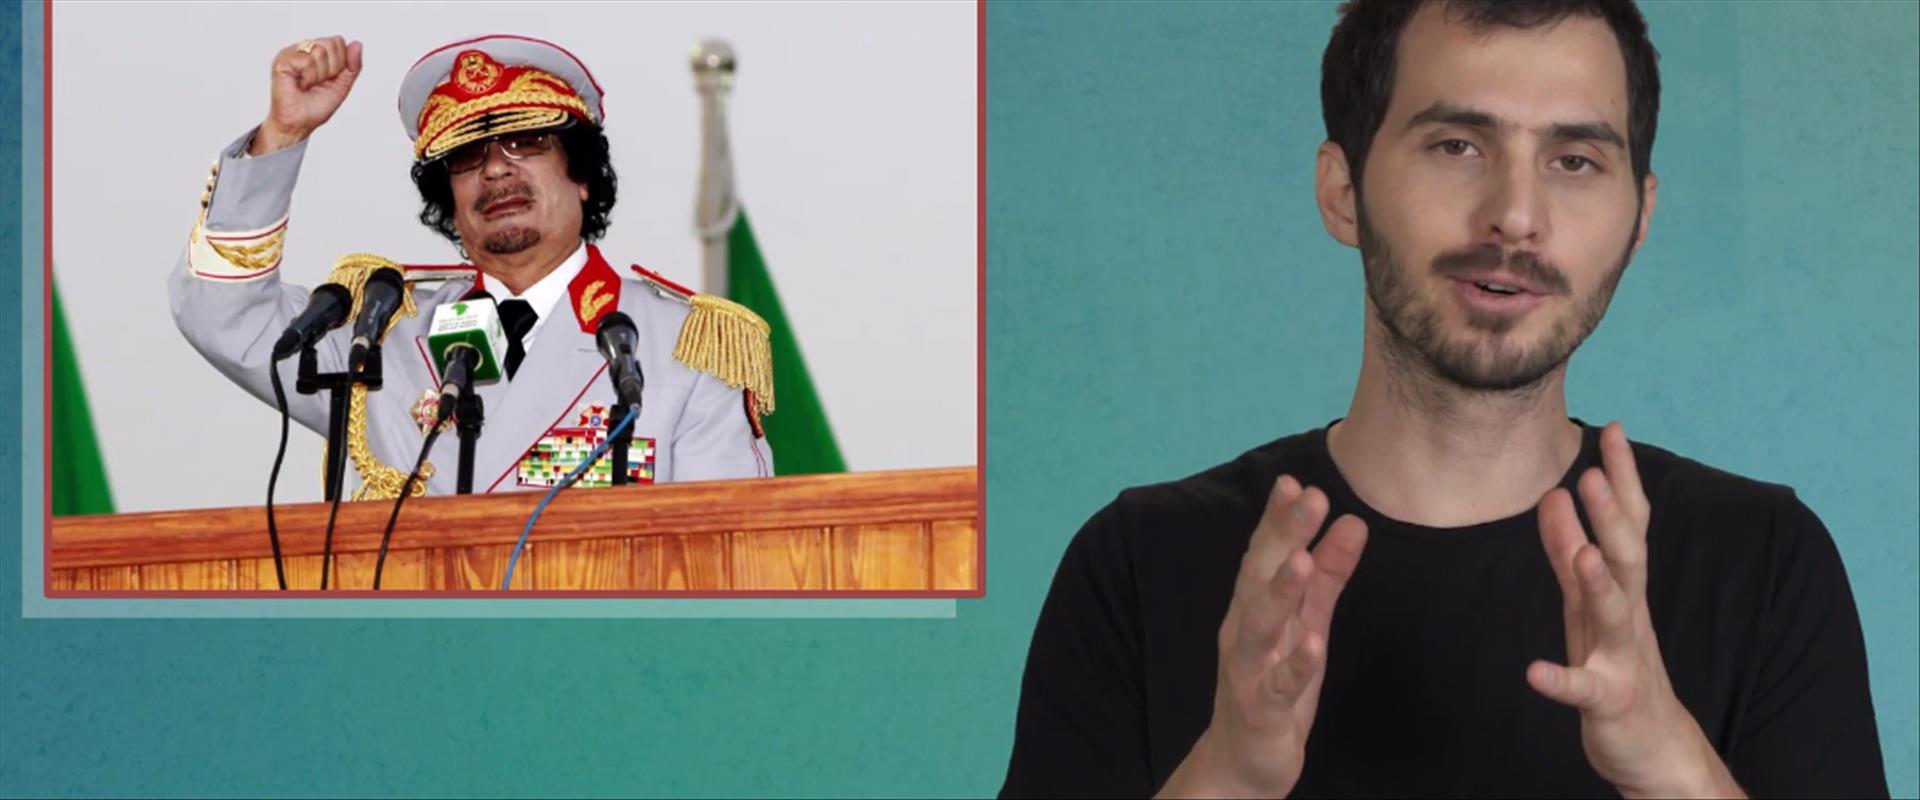 טמיר אהרוני - הדיקטטורים